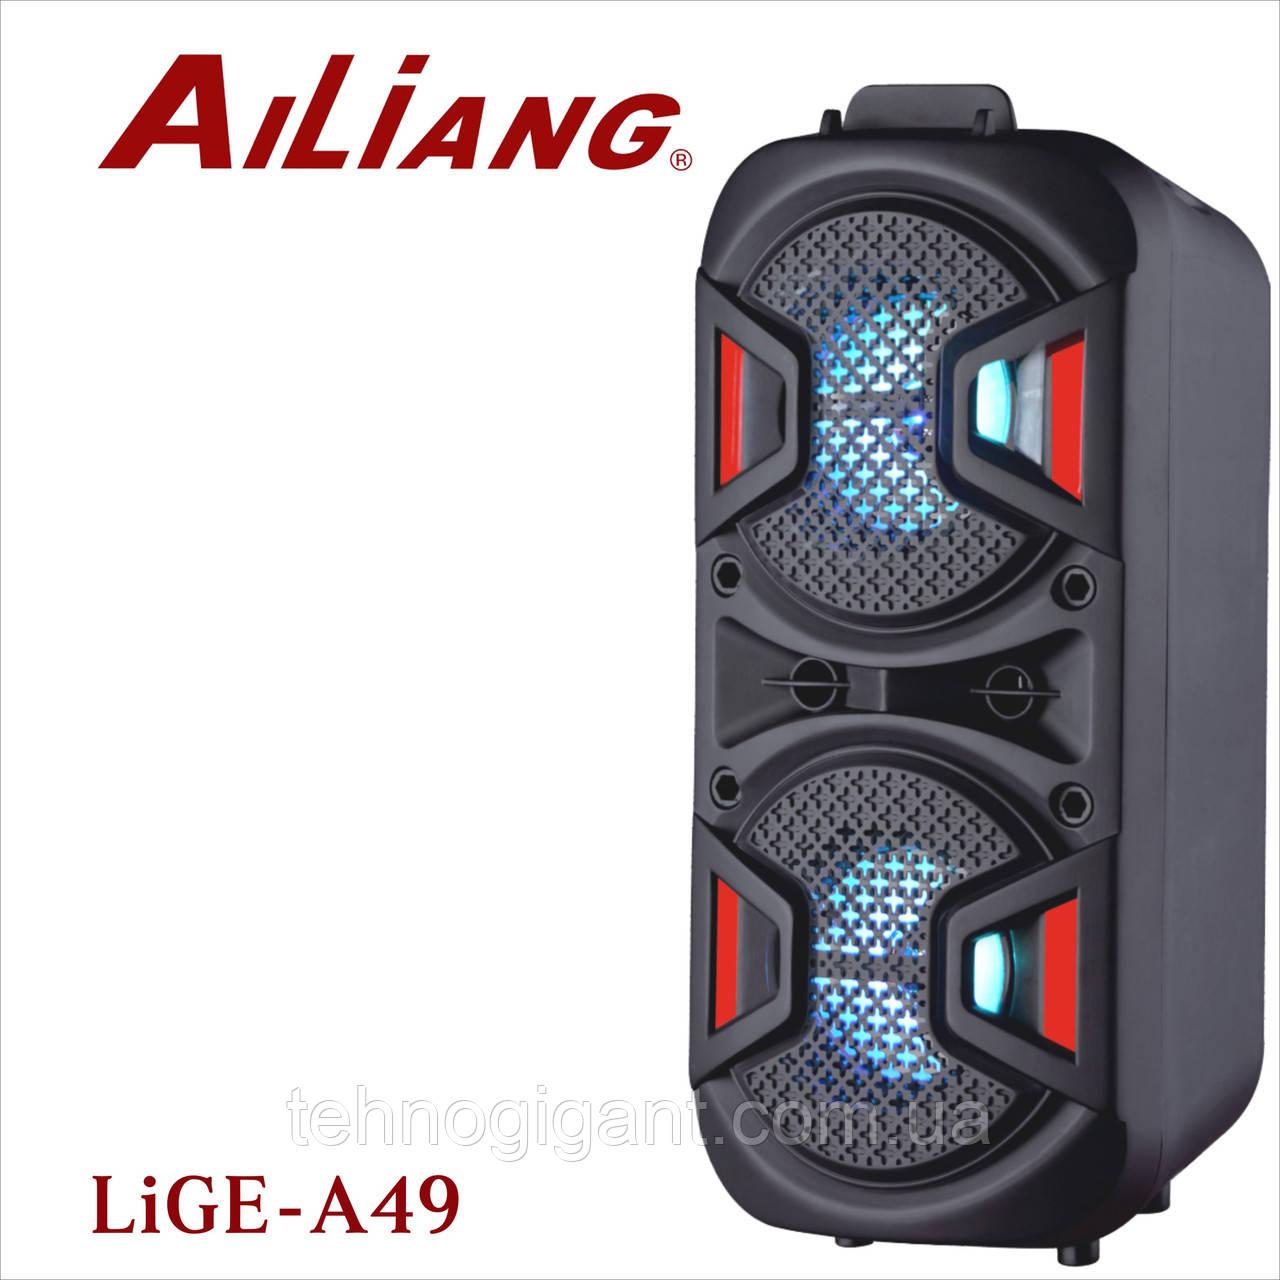 Акустична акумуляторна колонка 45 Вт Ailiang Lige-A49 (USB/FM/BT/LED) бездротова Bluetooth акустика